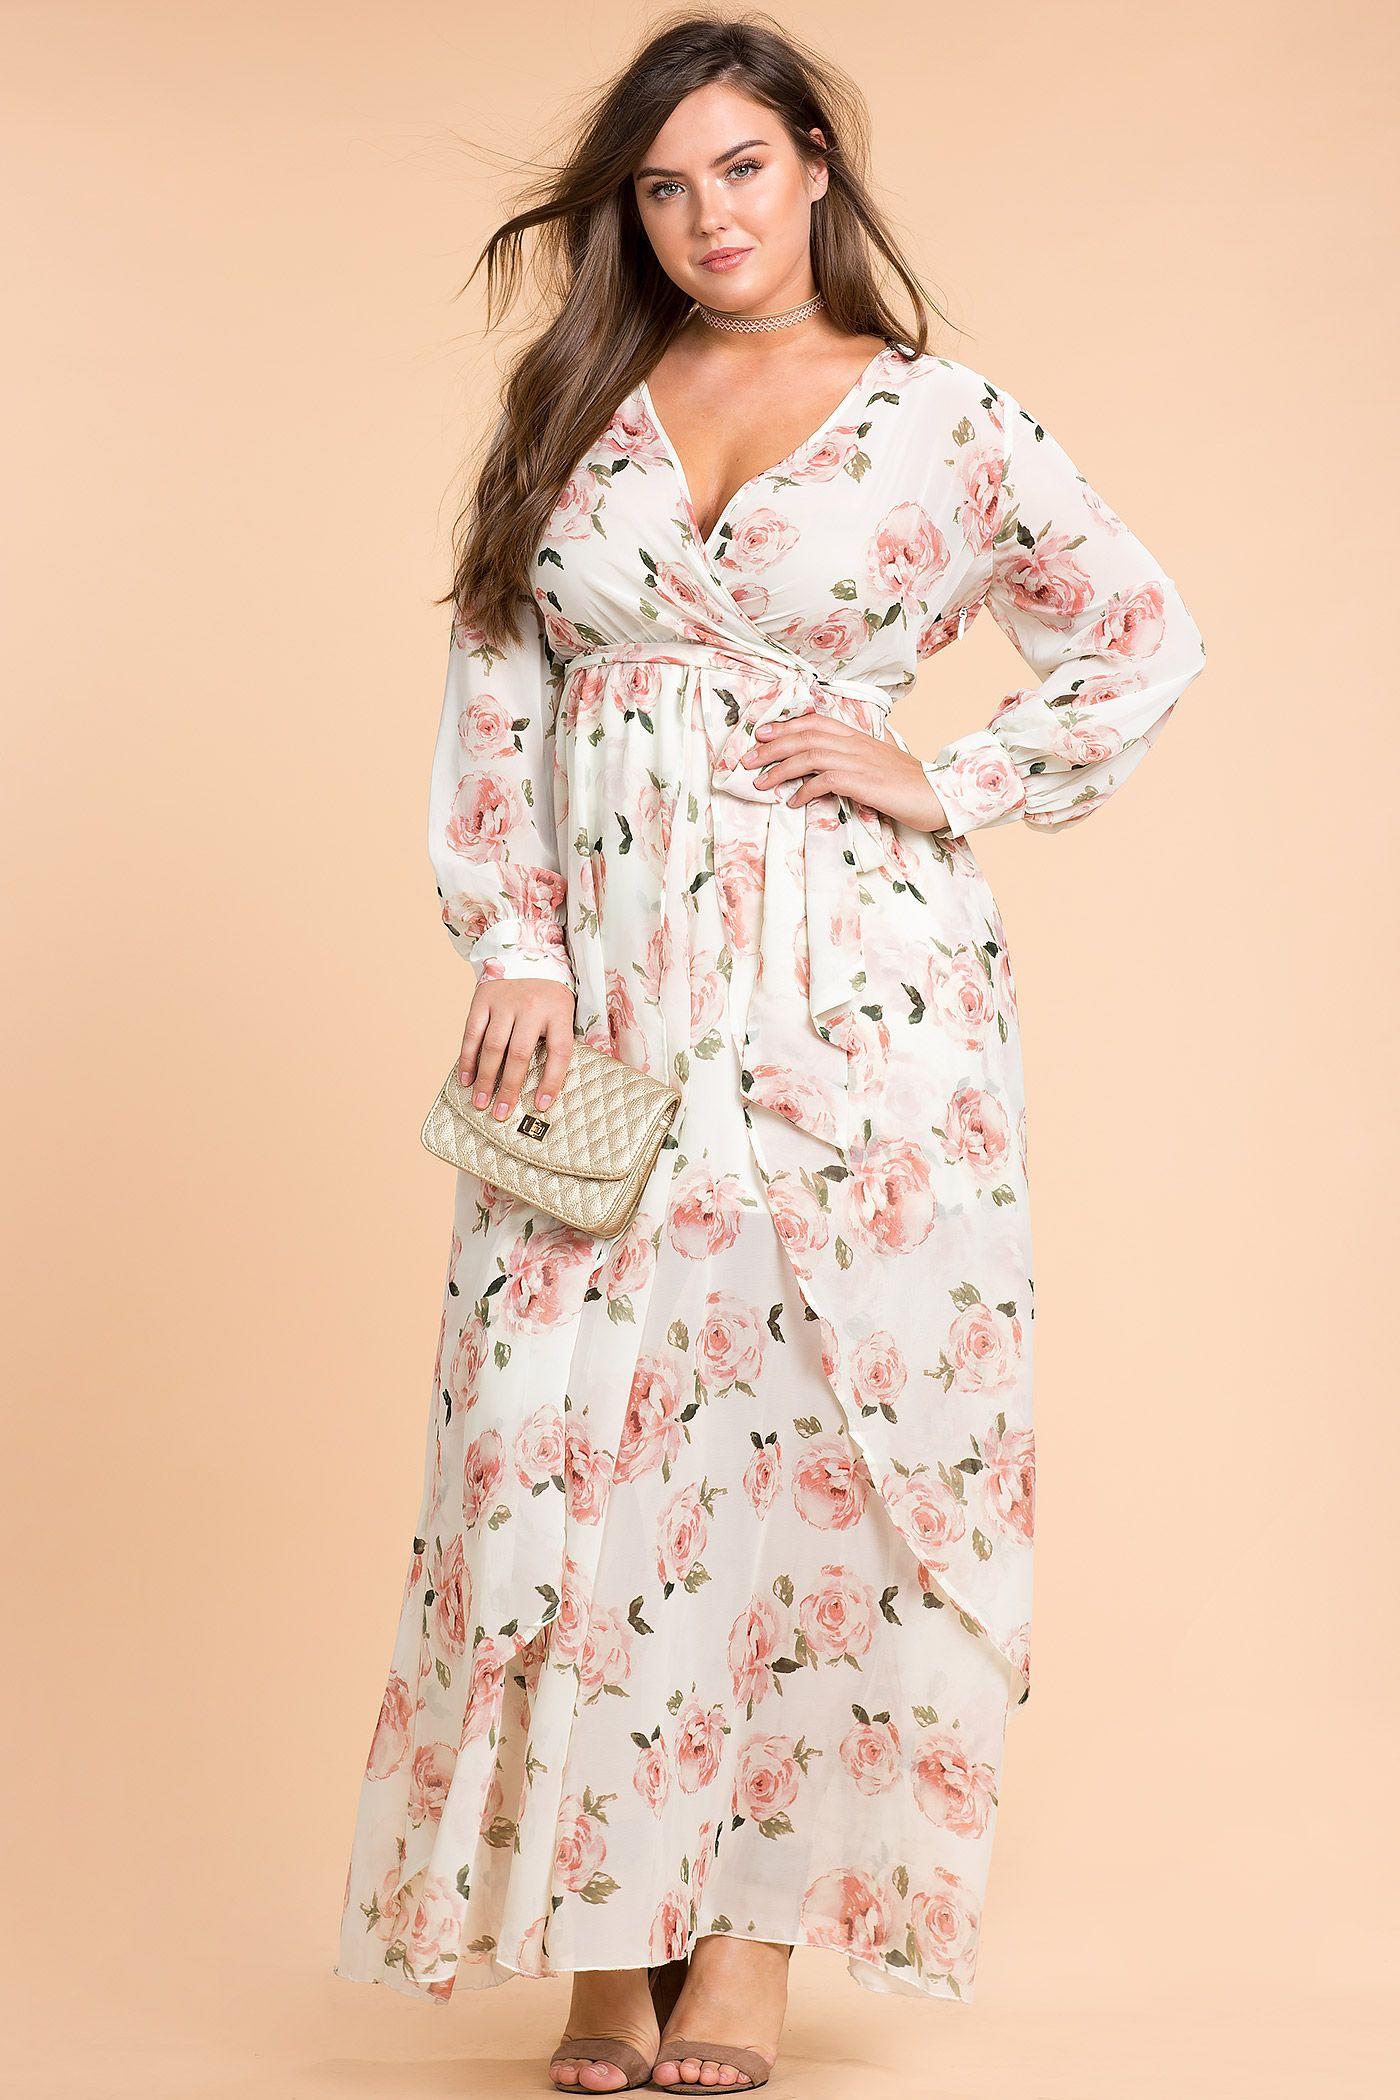 Women S Plus Size Maxi Dresses Floral Shine Maxi Dress A Gaci Plus Size Maxi Dresses Dresses Maxi Dress [ 2100 x 1400 Pixel ]